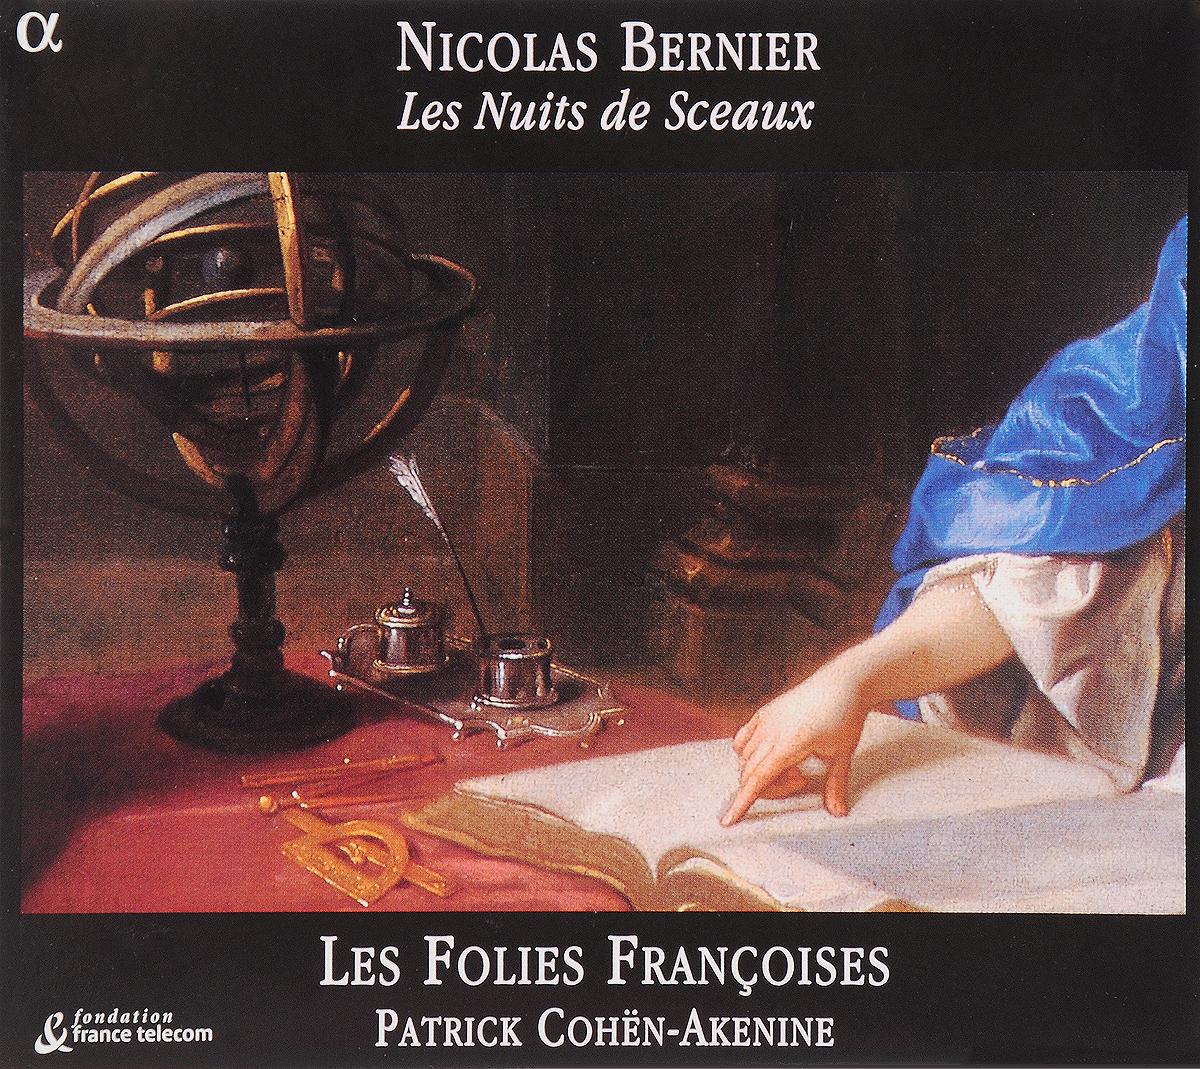 VARIOUS. BERNIER, NICOLAS (1664-1734)/LES NUITS DE SCEAUX: CANTATES/LES FOLIES FRANCOISES/PATRICK COHEN-AKENINE. 1